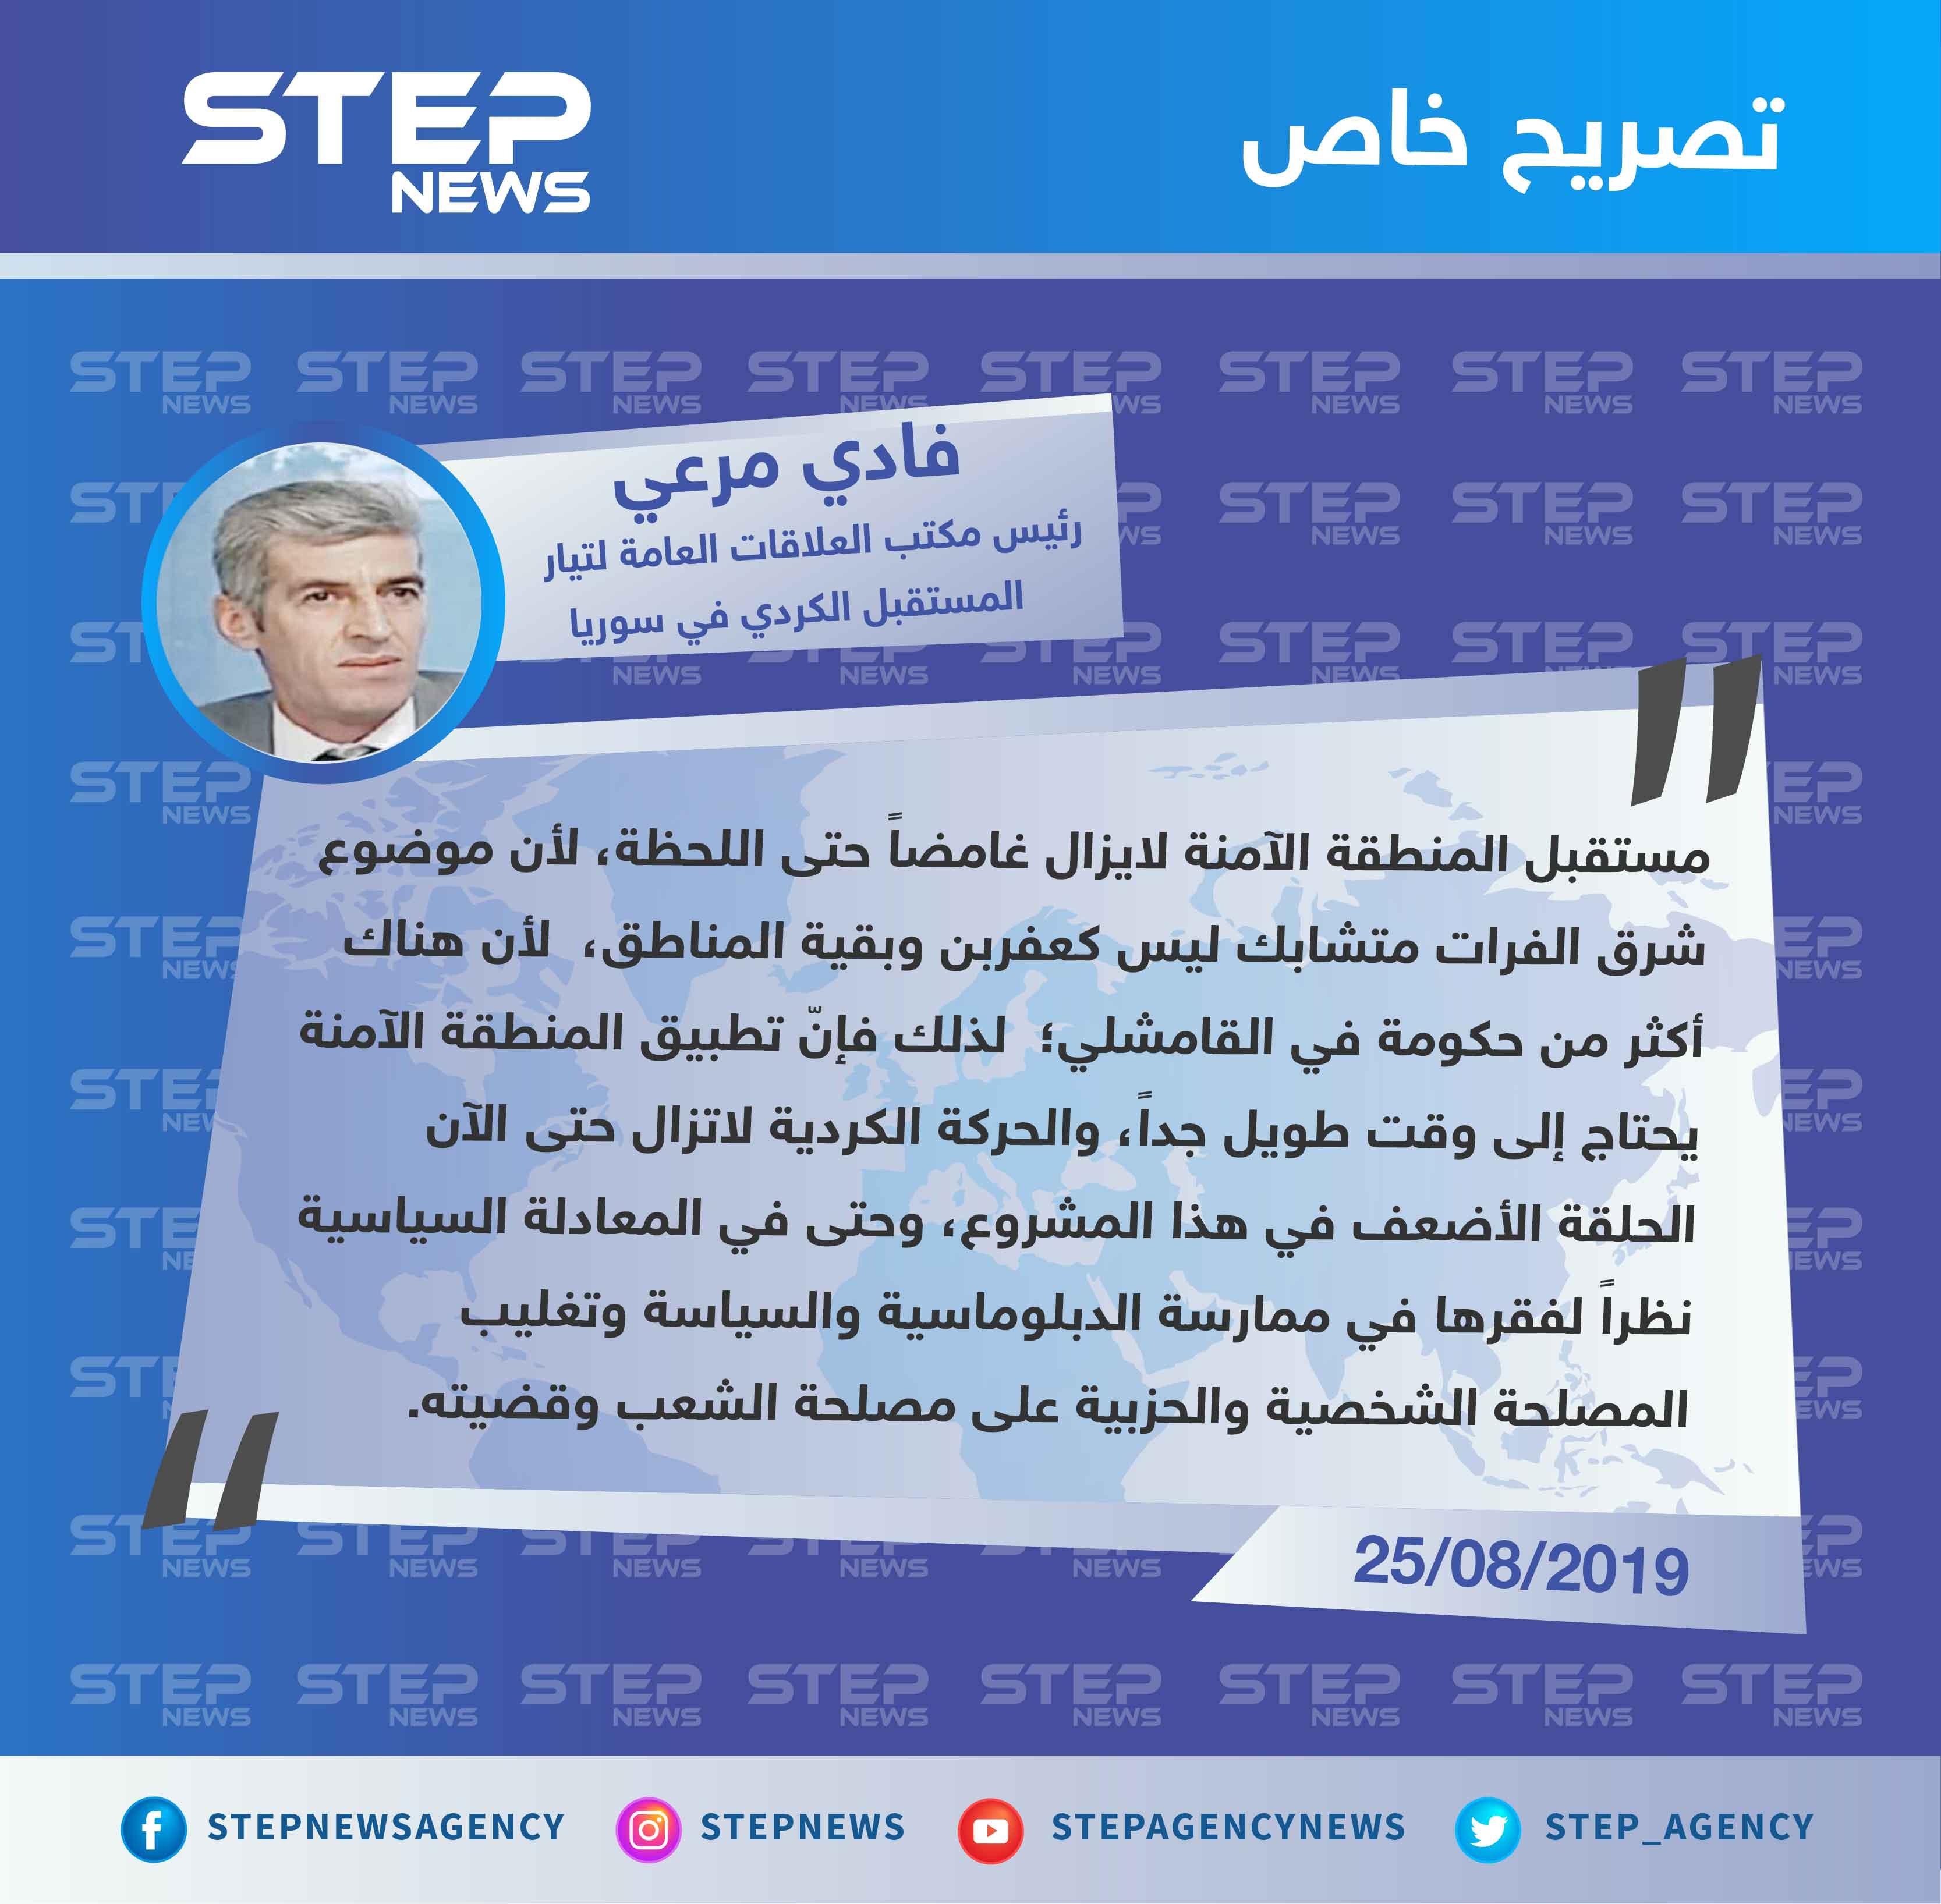 رئيس مكتب العلاقات العامة لتيار المستقبل الكردي لستيب: الحركة الكردية هي الحلقة الأضعف في مشروع المنطقة الآمنة